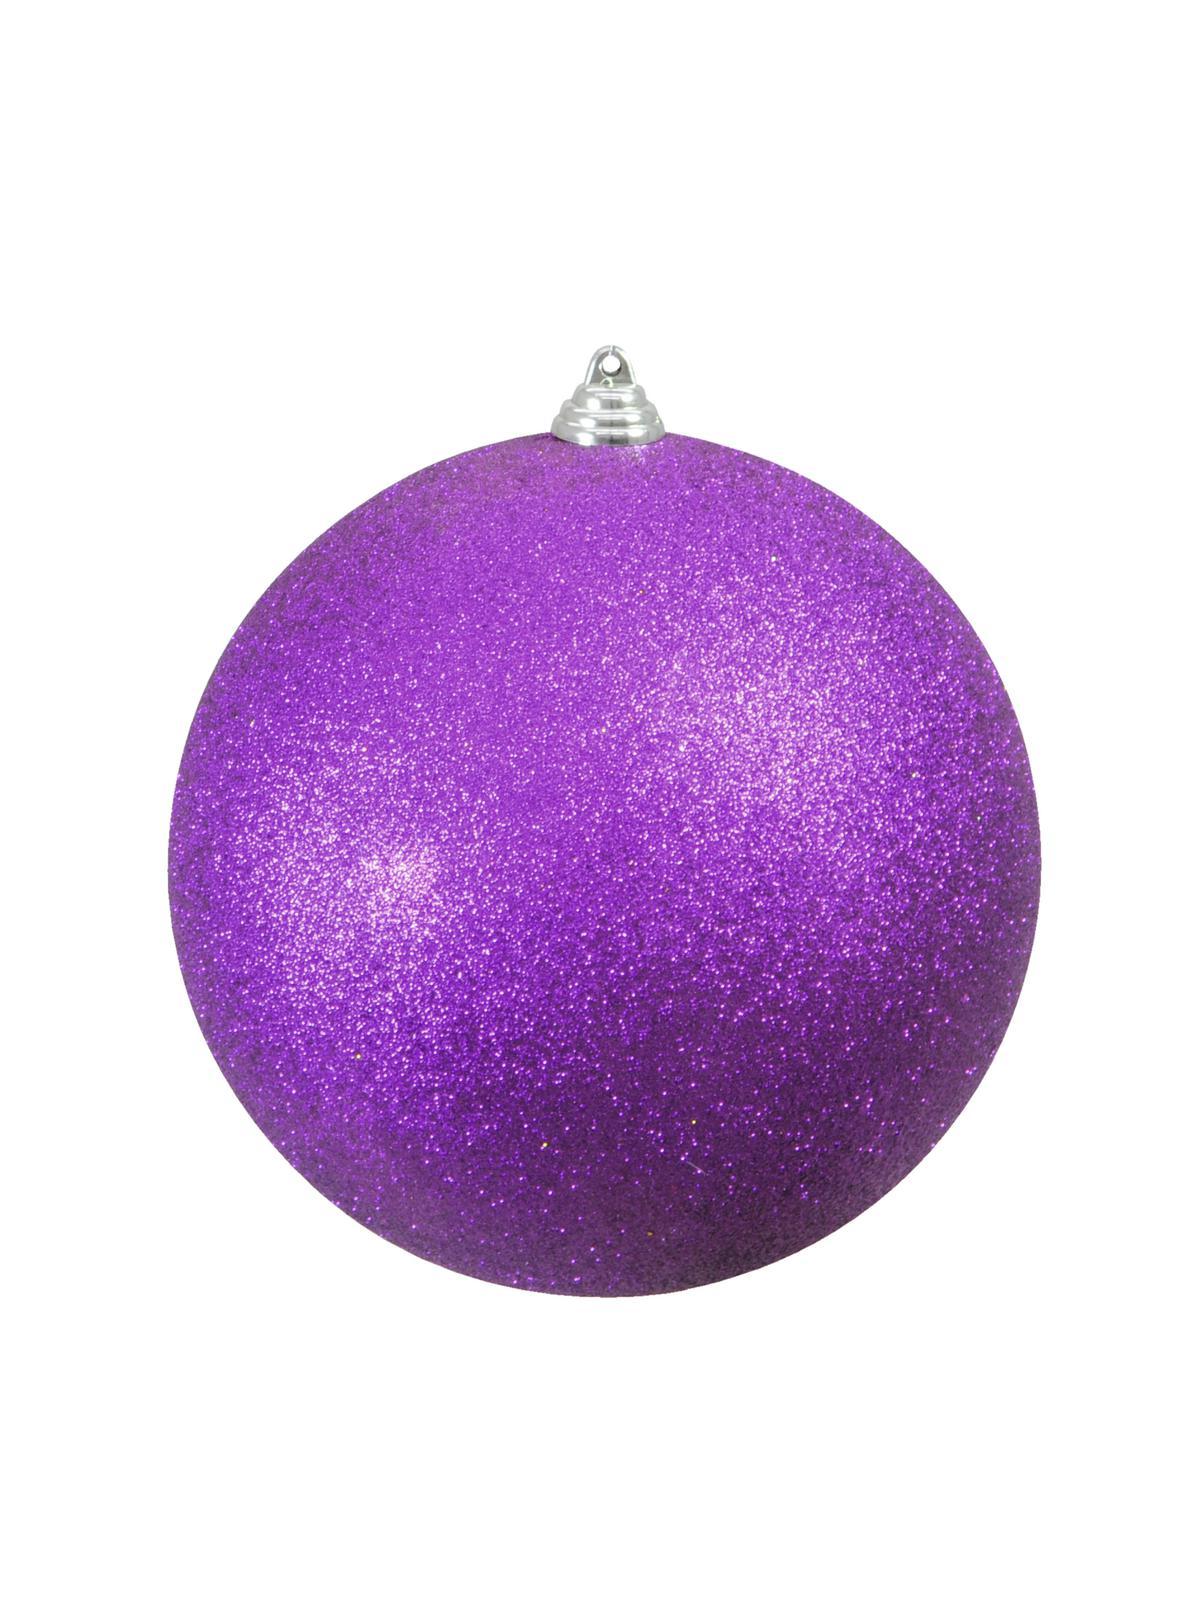 Vánoční dekorační ozdoba, 20 cm, fialová se třpytkami, 1 ks